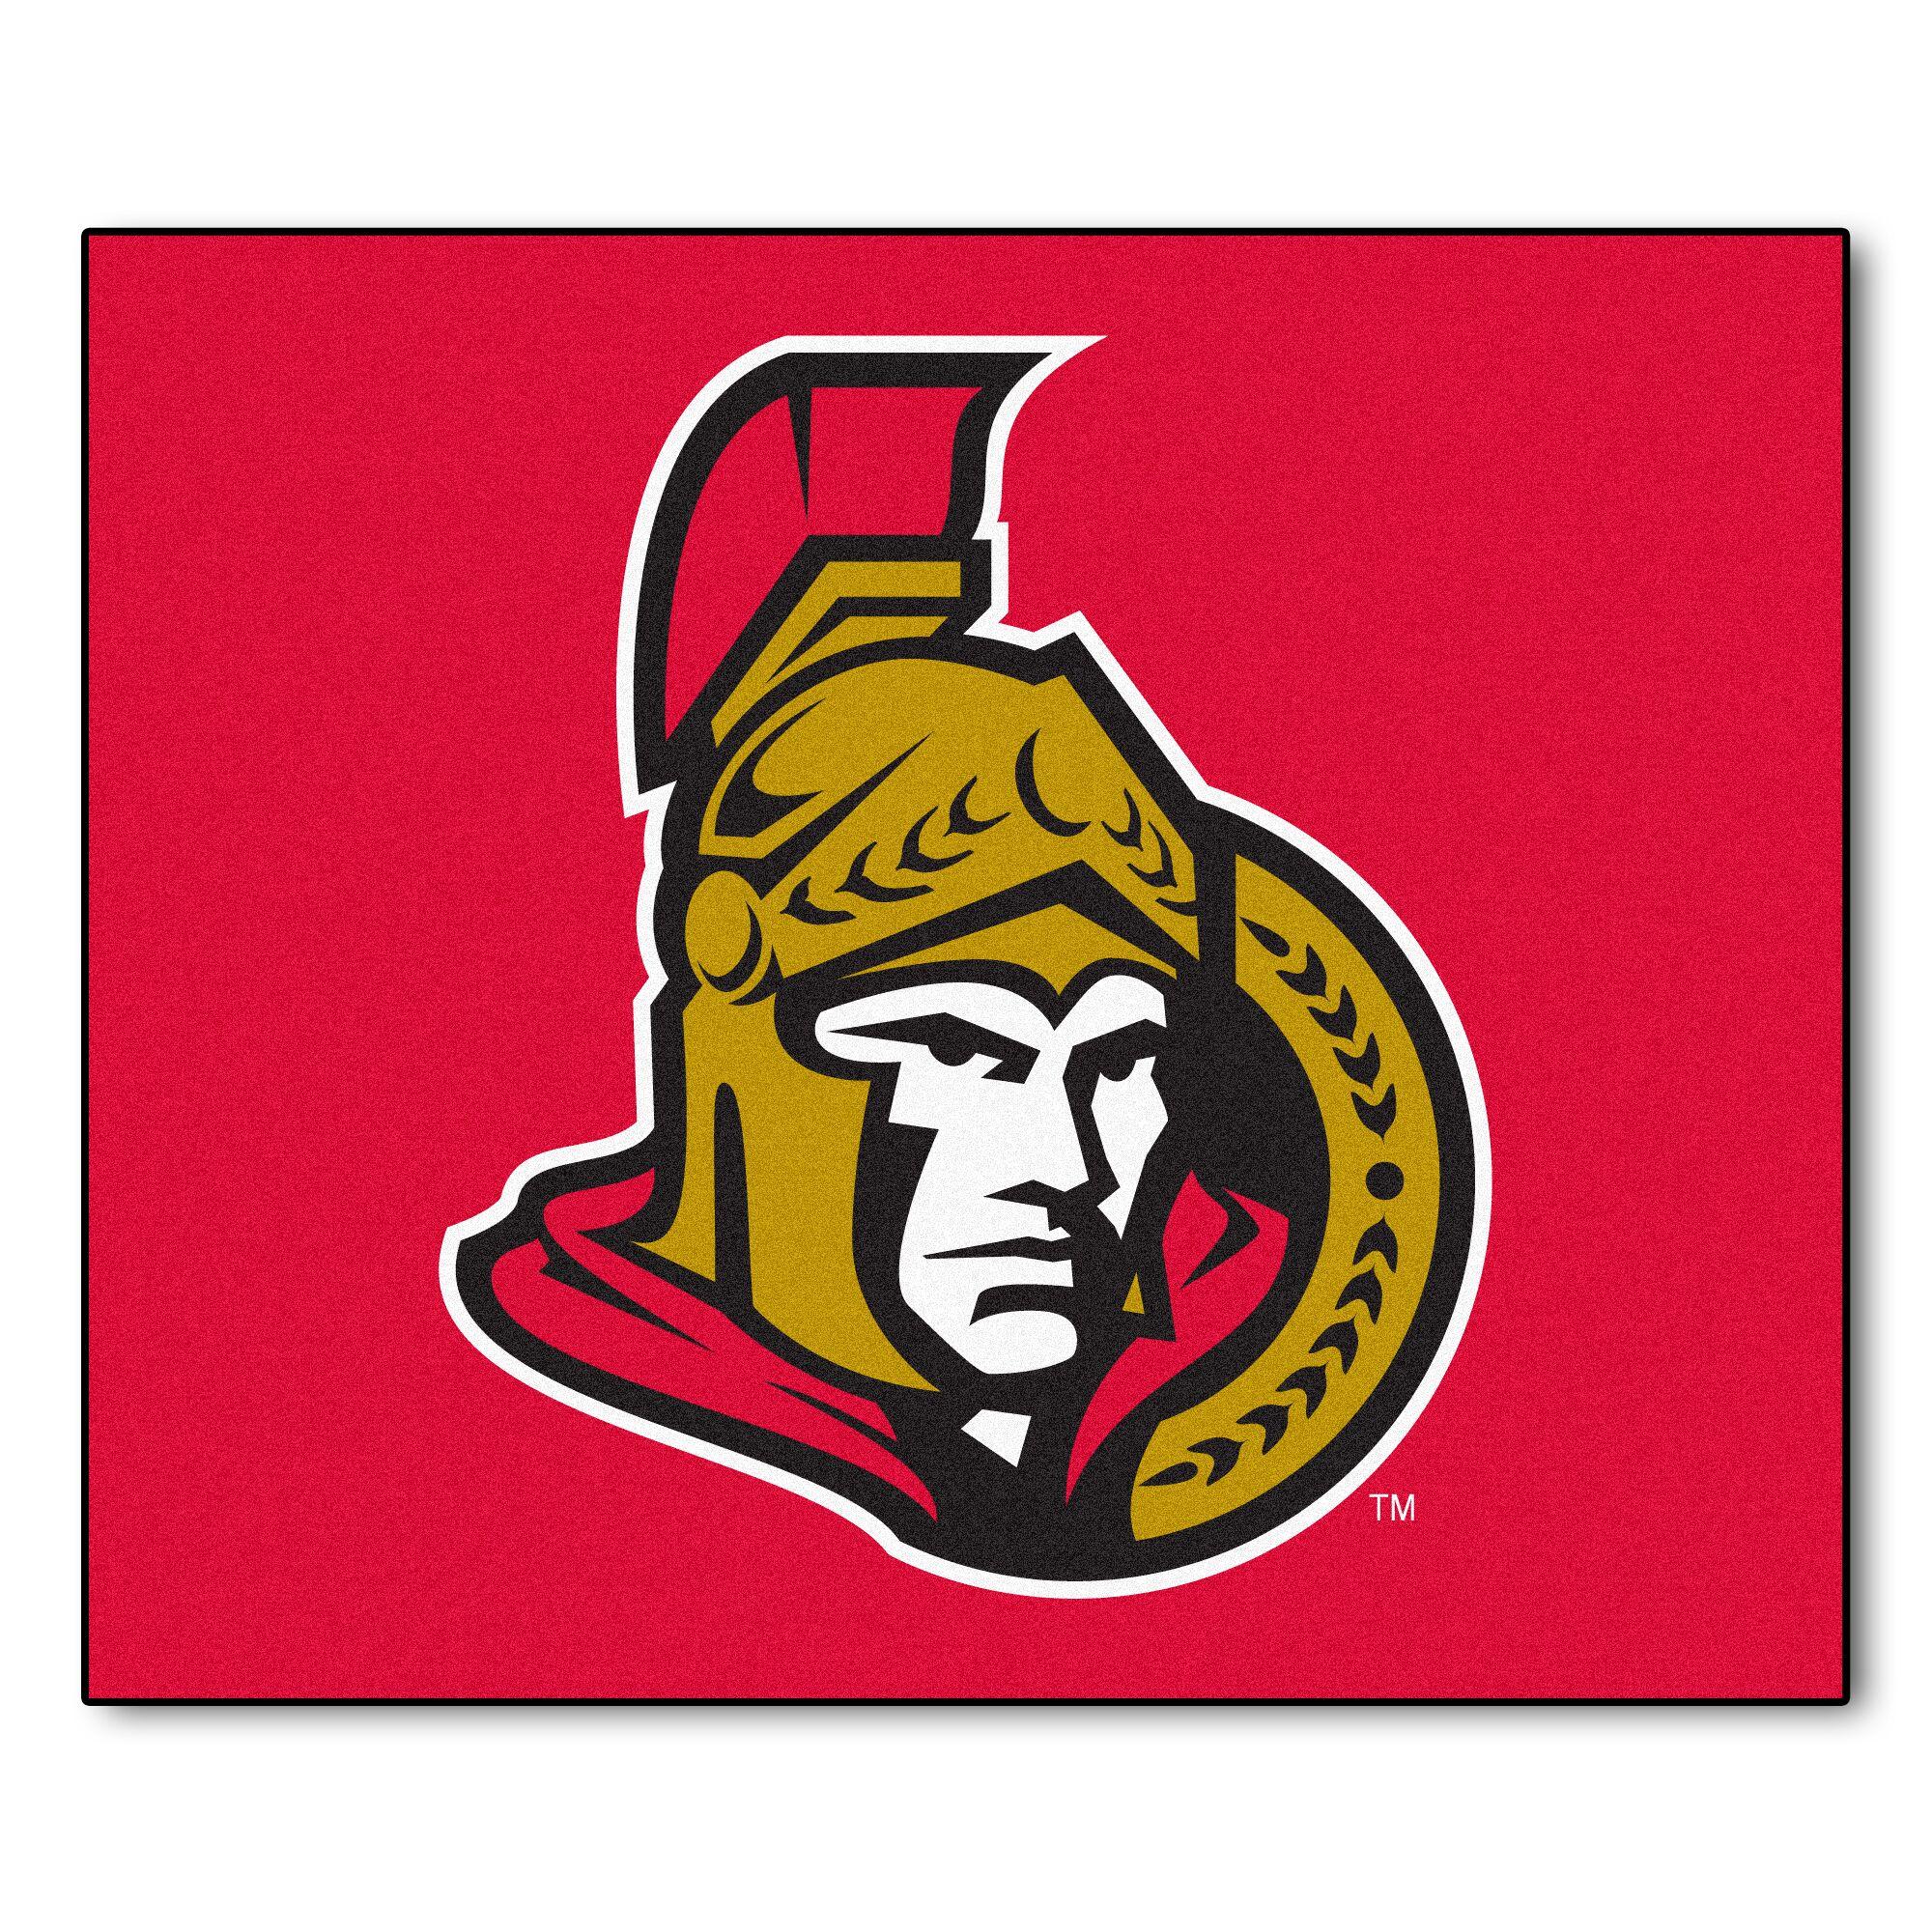 NHL - Ottawa Senators Doormat Mat Size: 5' x 5'11